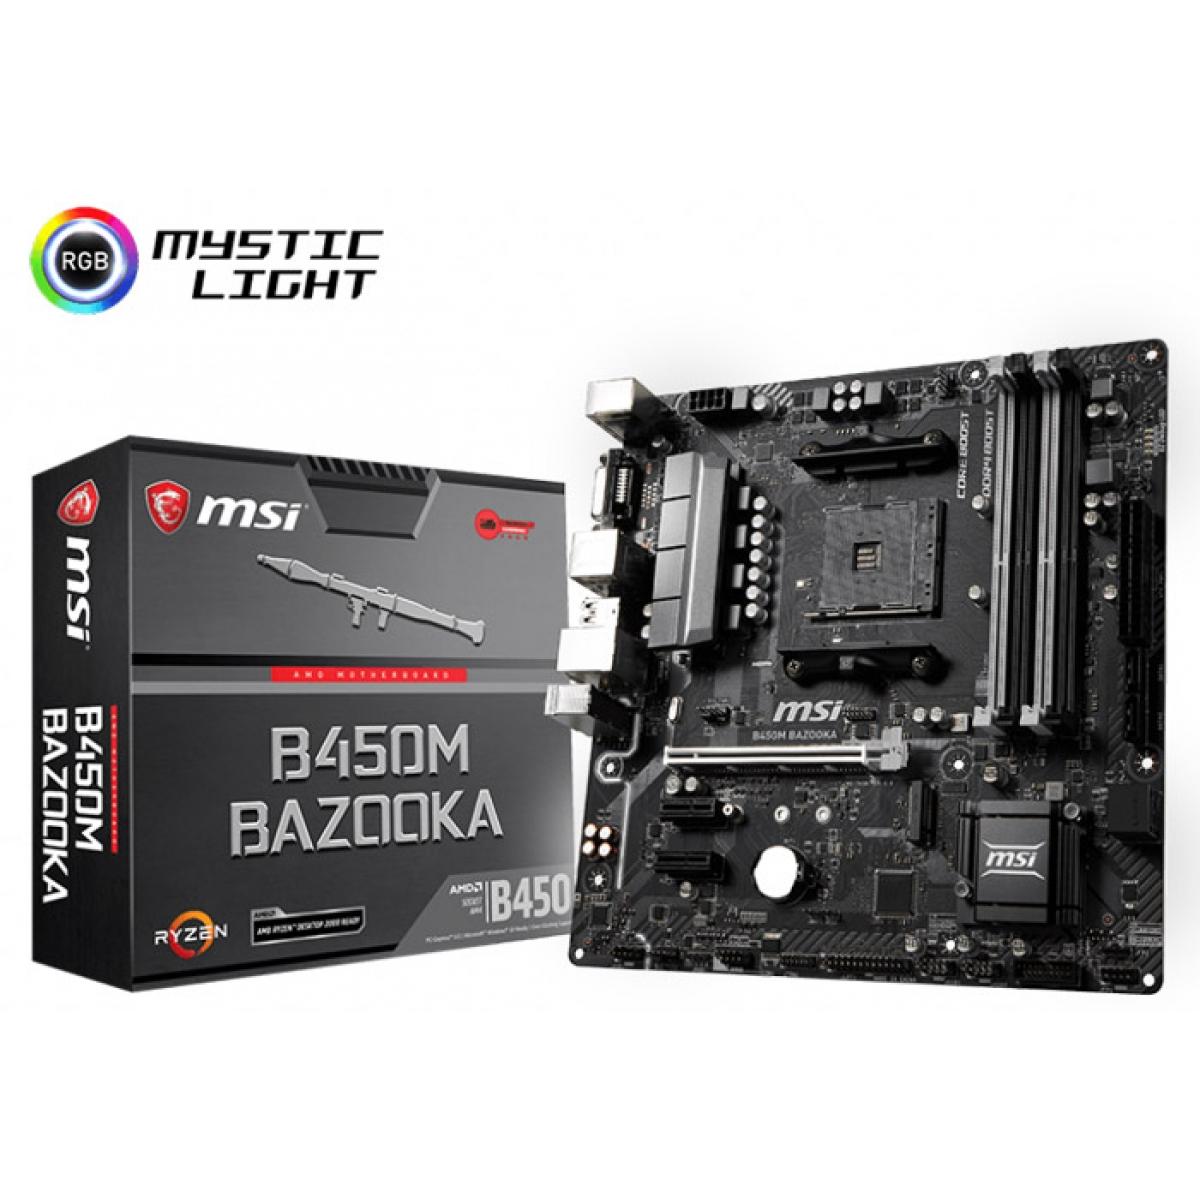 Placa Mãe MSI B450M Bazooka, Chipset B450, AMD AM4, mATX, DDR4